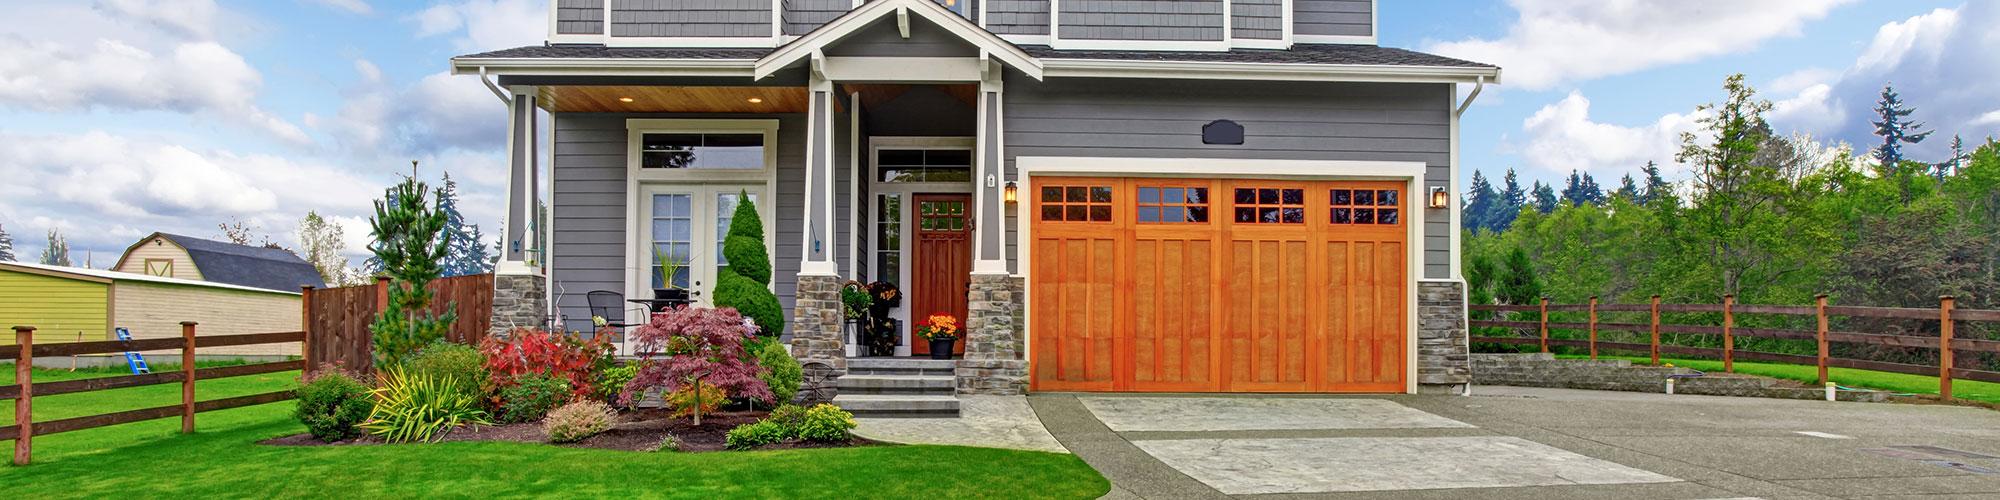 garage-door-repair-los-angeles-1 Garage Door Repair Encino